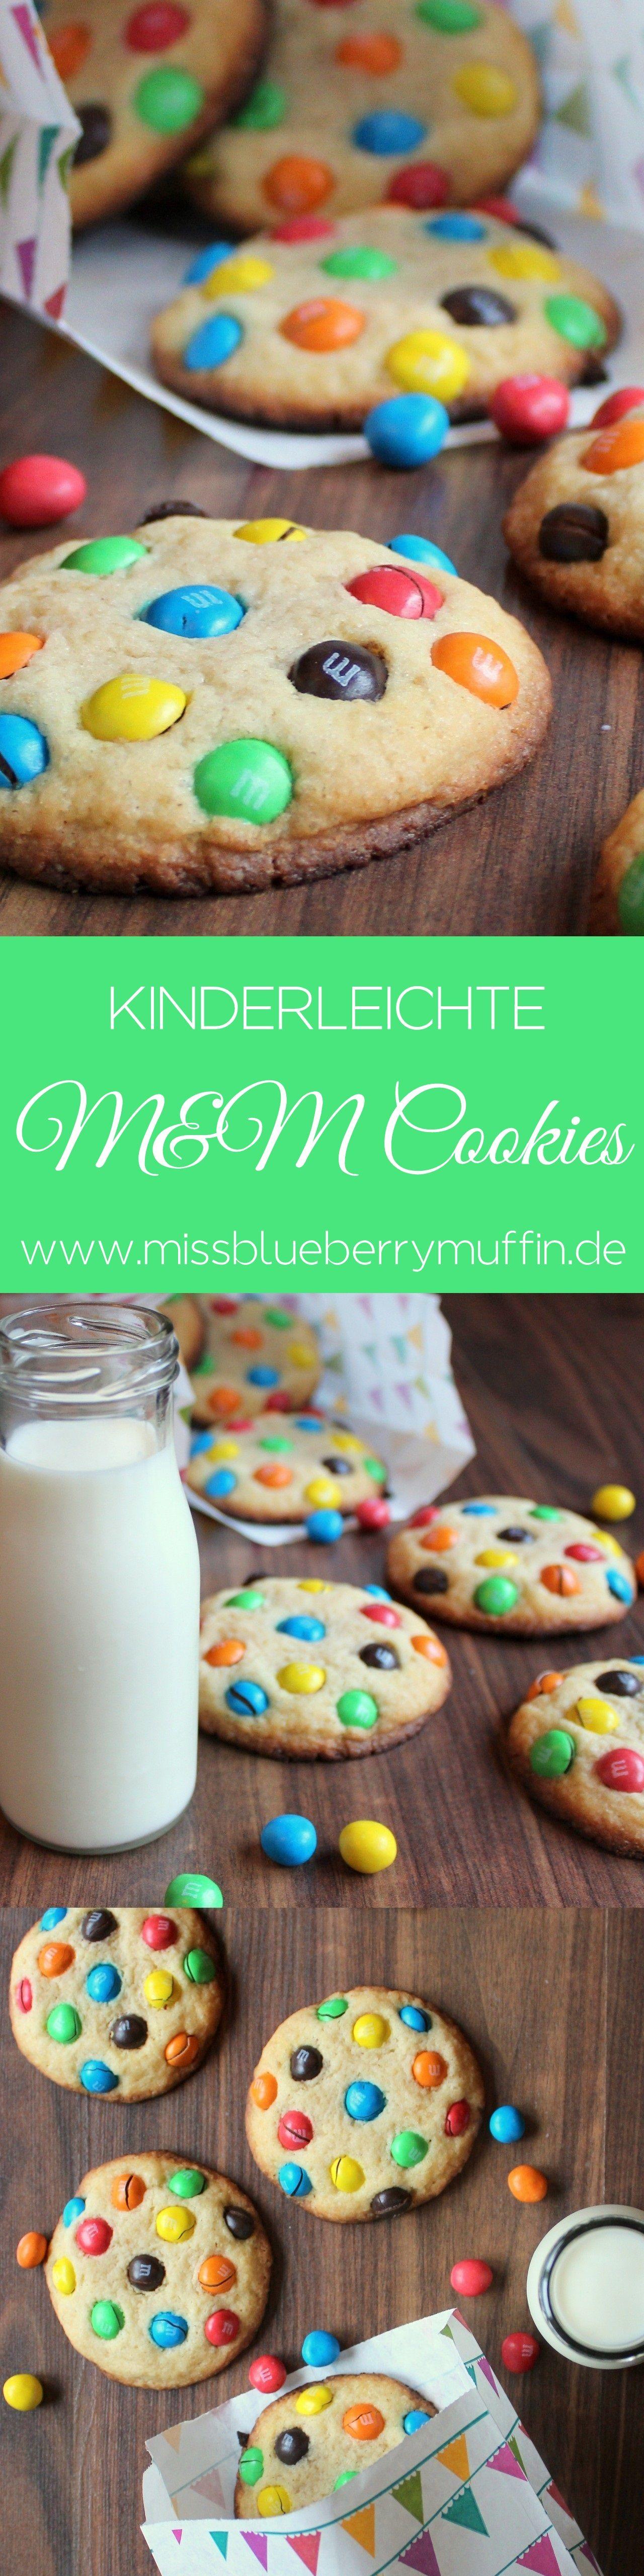 Kinderleichte M&M Cookies So bunt und lecker Funktioniert auch super mit Smarties